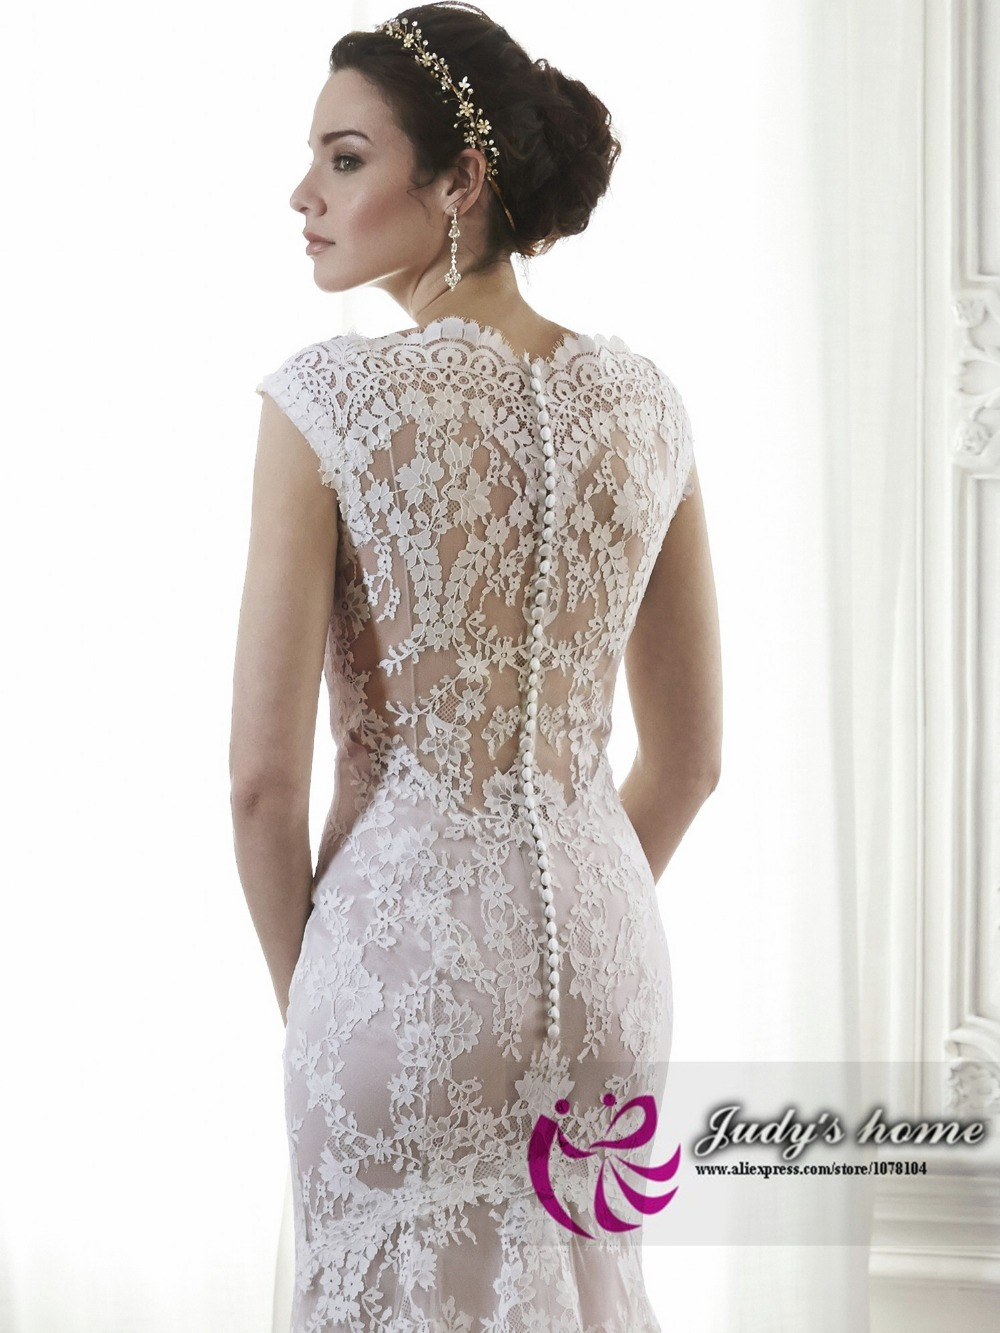 plus size wedding dresses champagne color champagne colored wedding dresses plus size wedding dresses champagne color